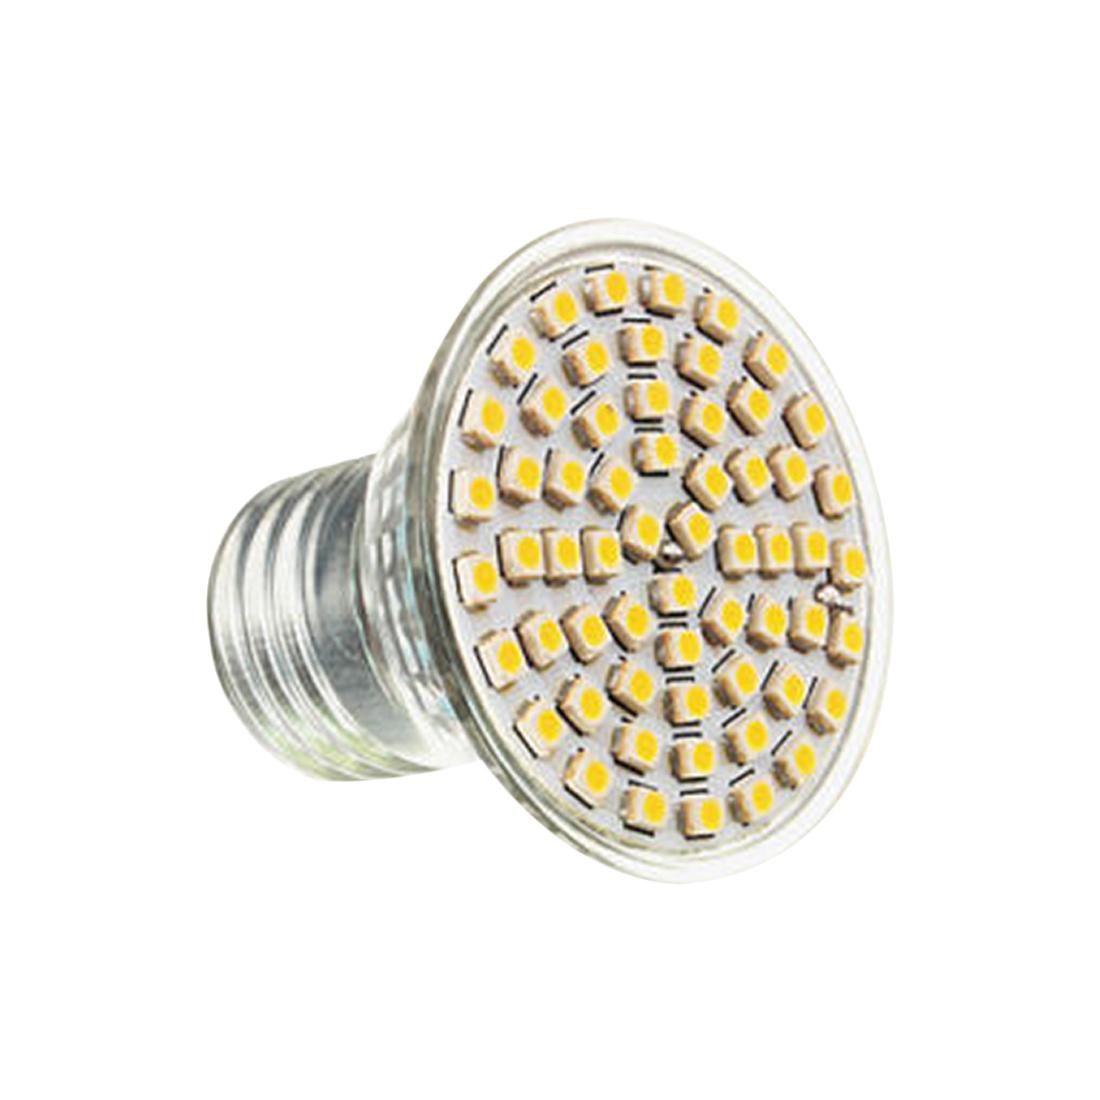 E27 3w 48 3528 Smd Led Bulb Light 110v Ac Dc12v Base Type E27 3w T1r9 Ebay